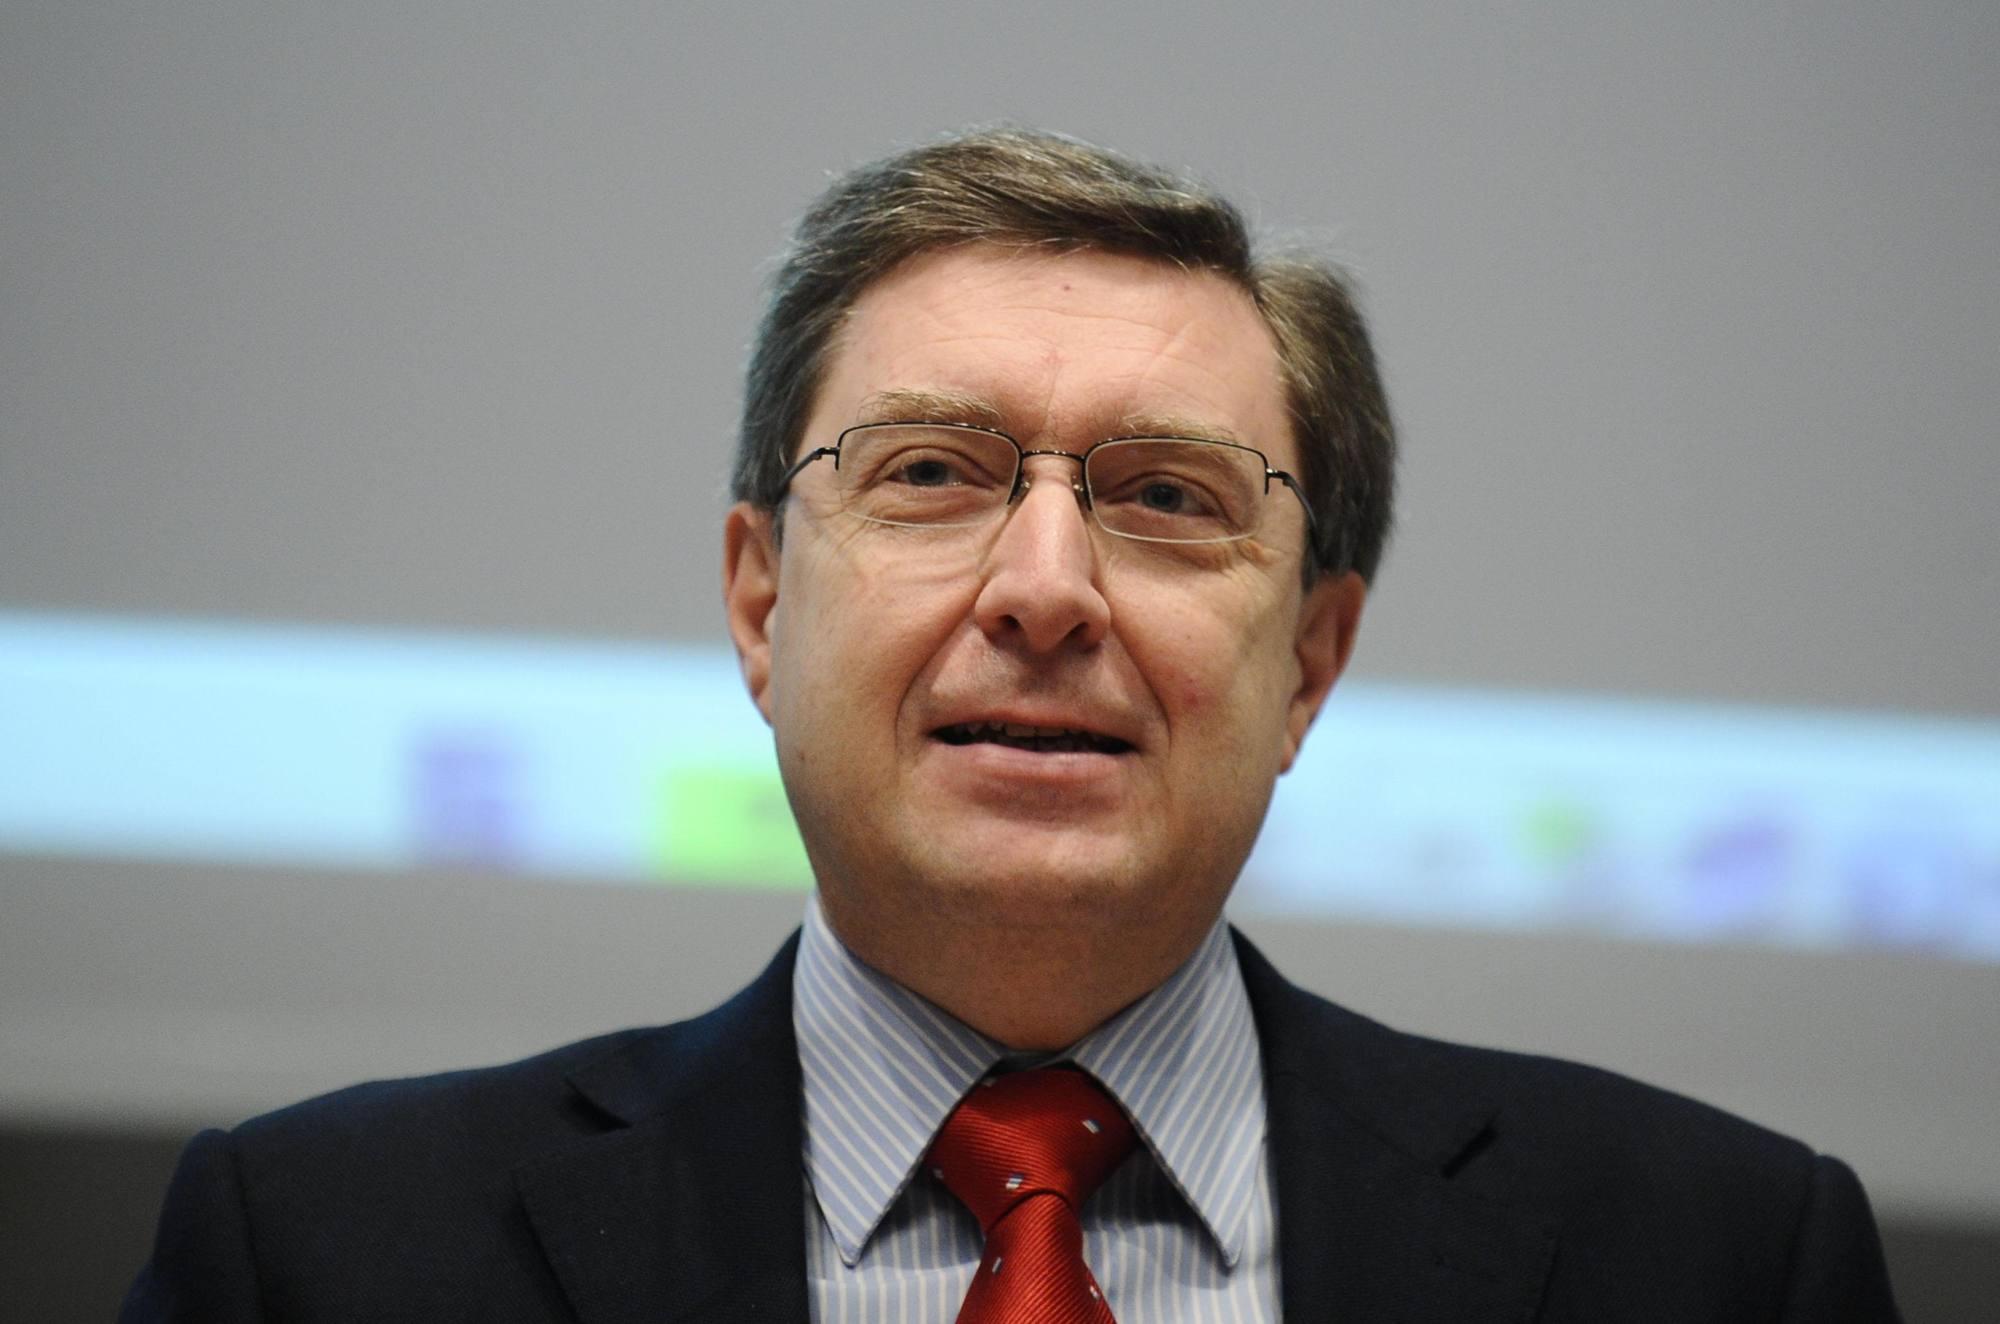 Cives, si discuterà su 'I nuovi indicatori per misurare il benessere della società italiana'